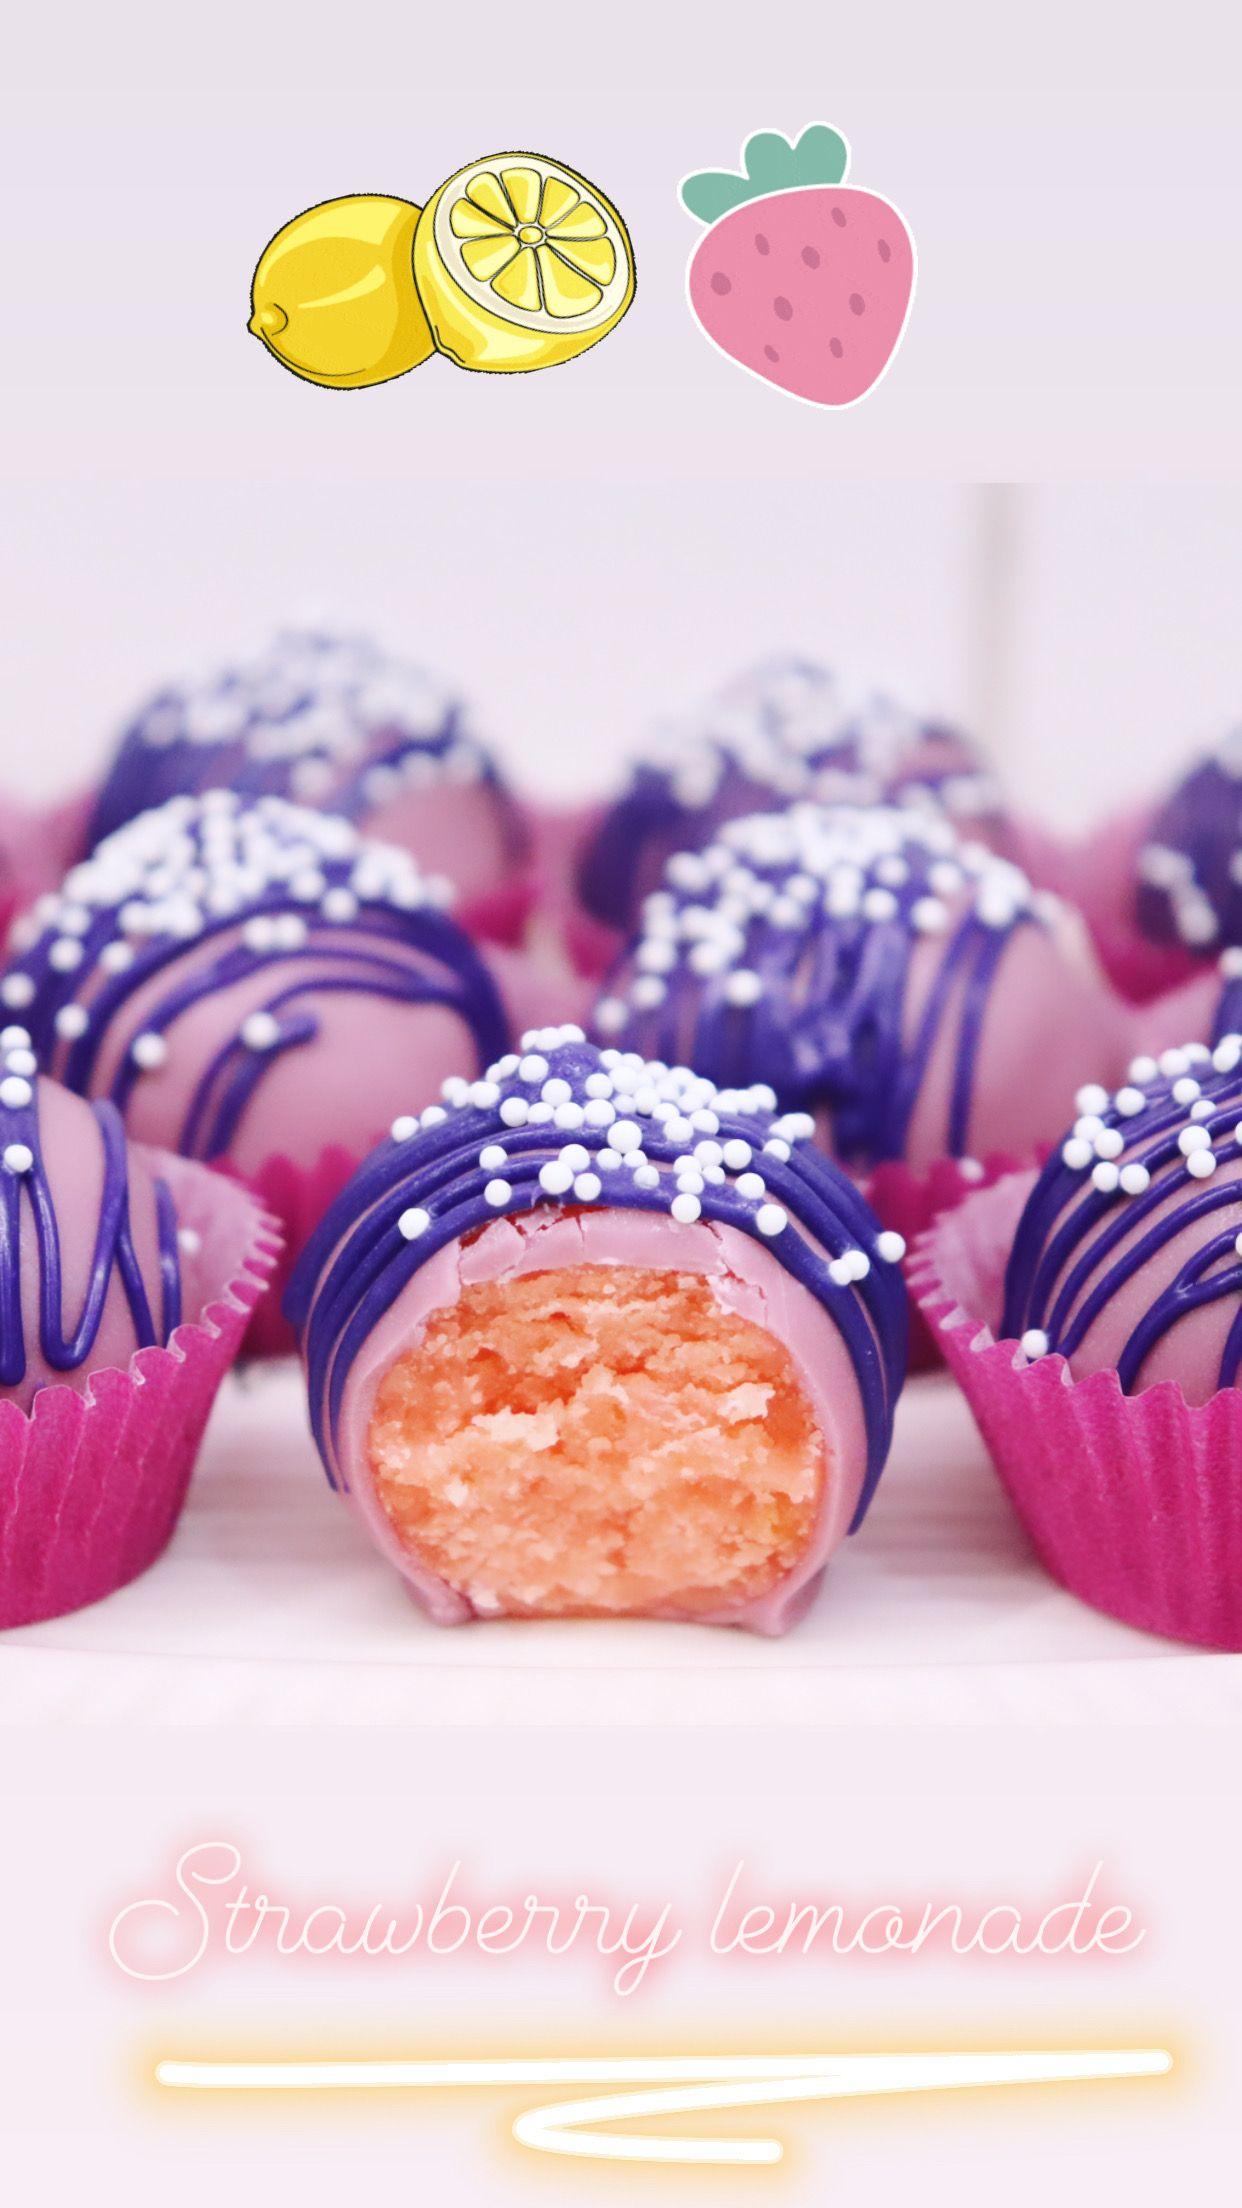 Delicious strawberry lemonade inspired cake ballspops